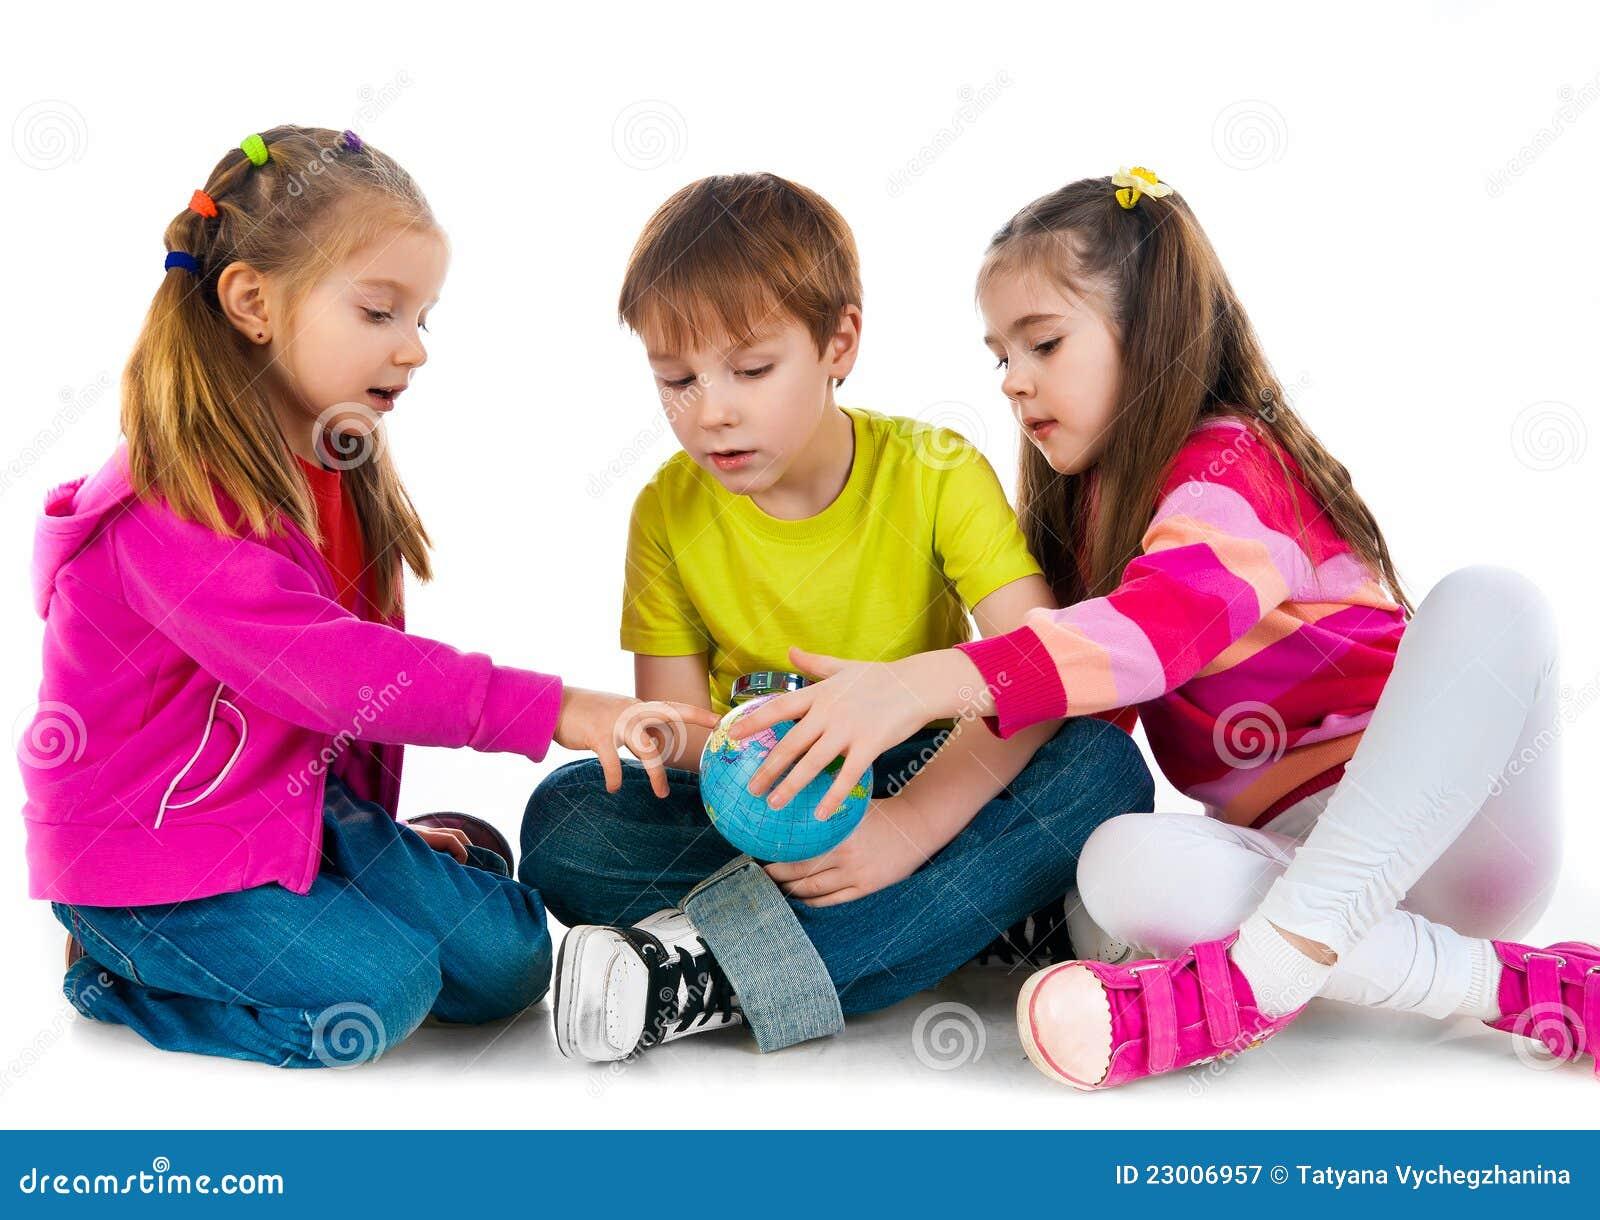 Kinder flirten mit der welt